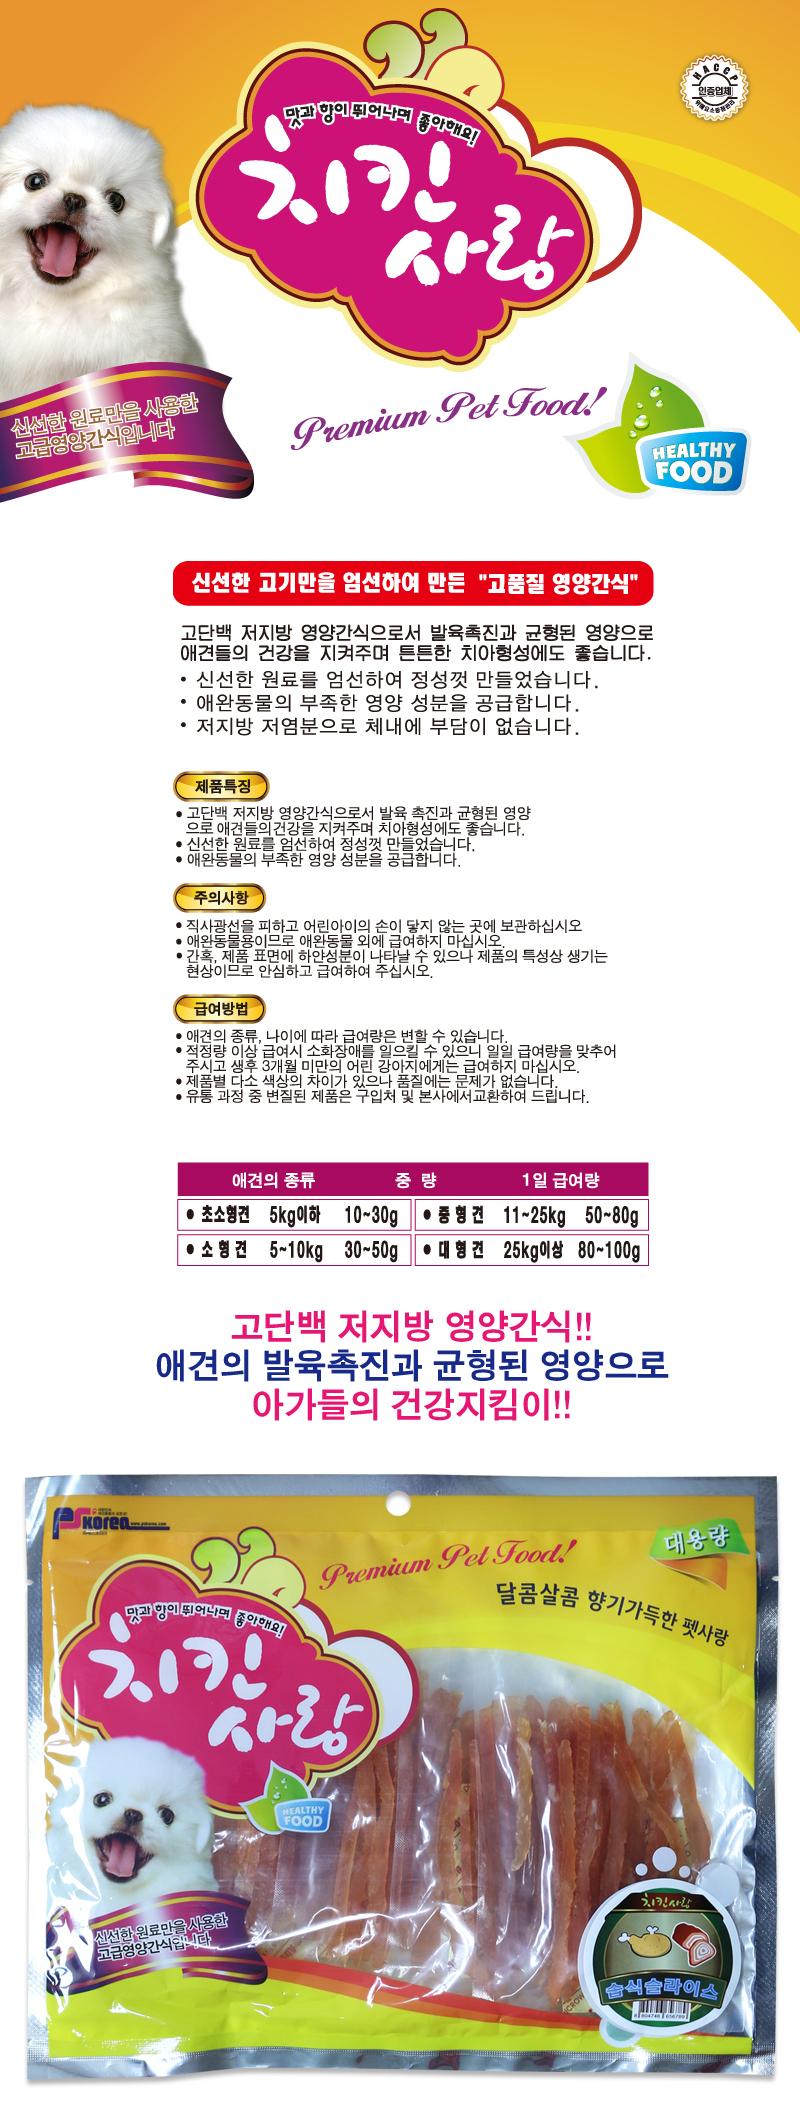 강아지간식 치킨사랑 습식슬라이스 400g - 스토어봄, 5,400원, 간식/영양제, 육포/사사미